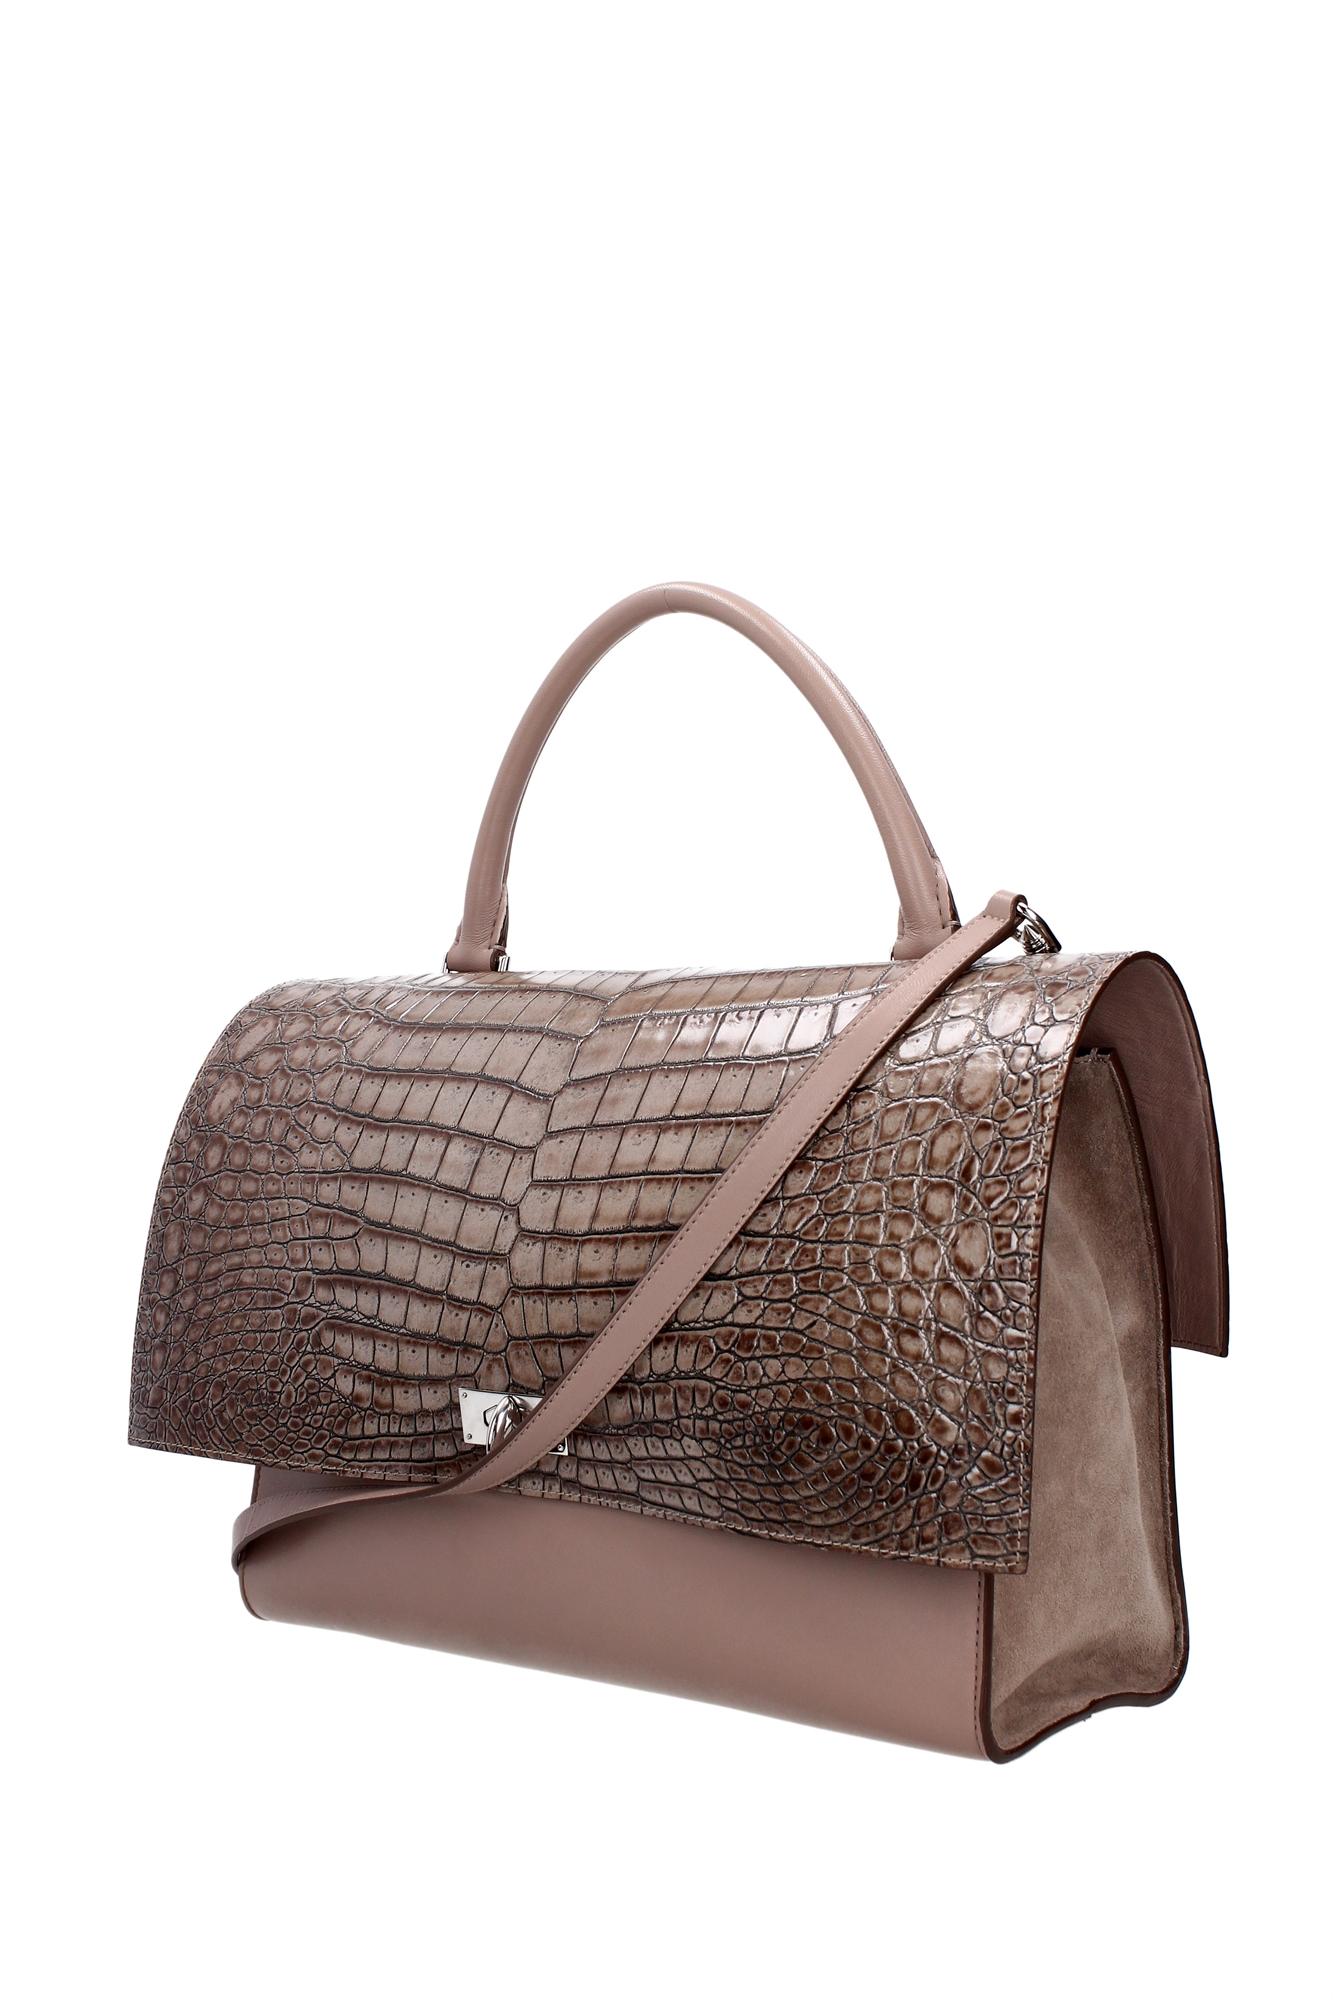 handtasche givenchy damen leder beige bb05951460284sharkmedshoulde ebay. Black Bedroom Furniture Sets. Home Design Ideas